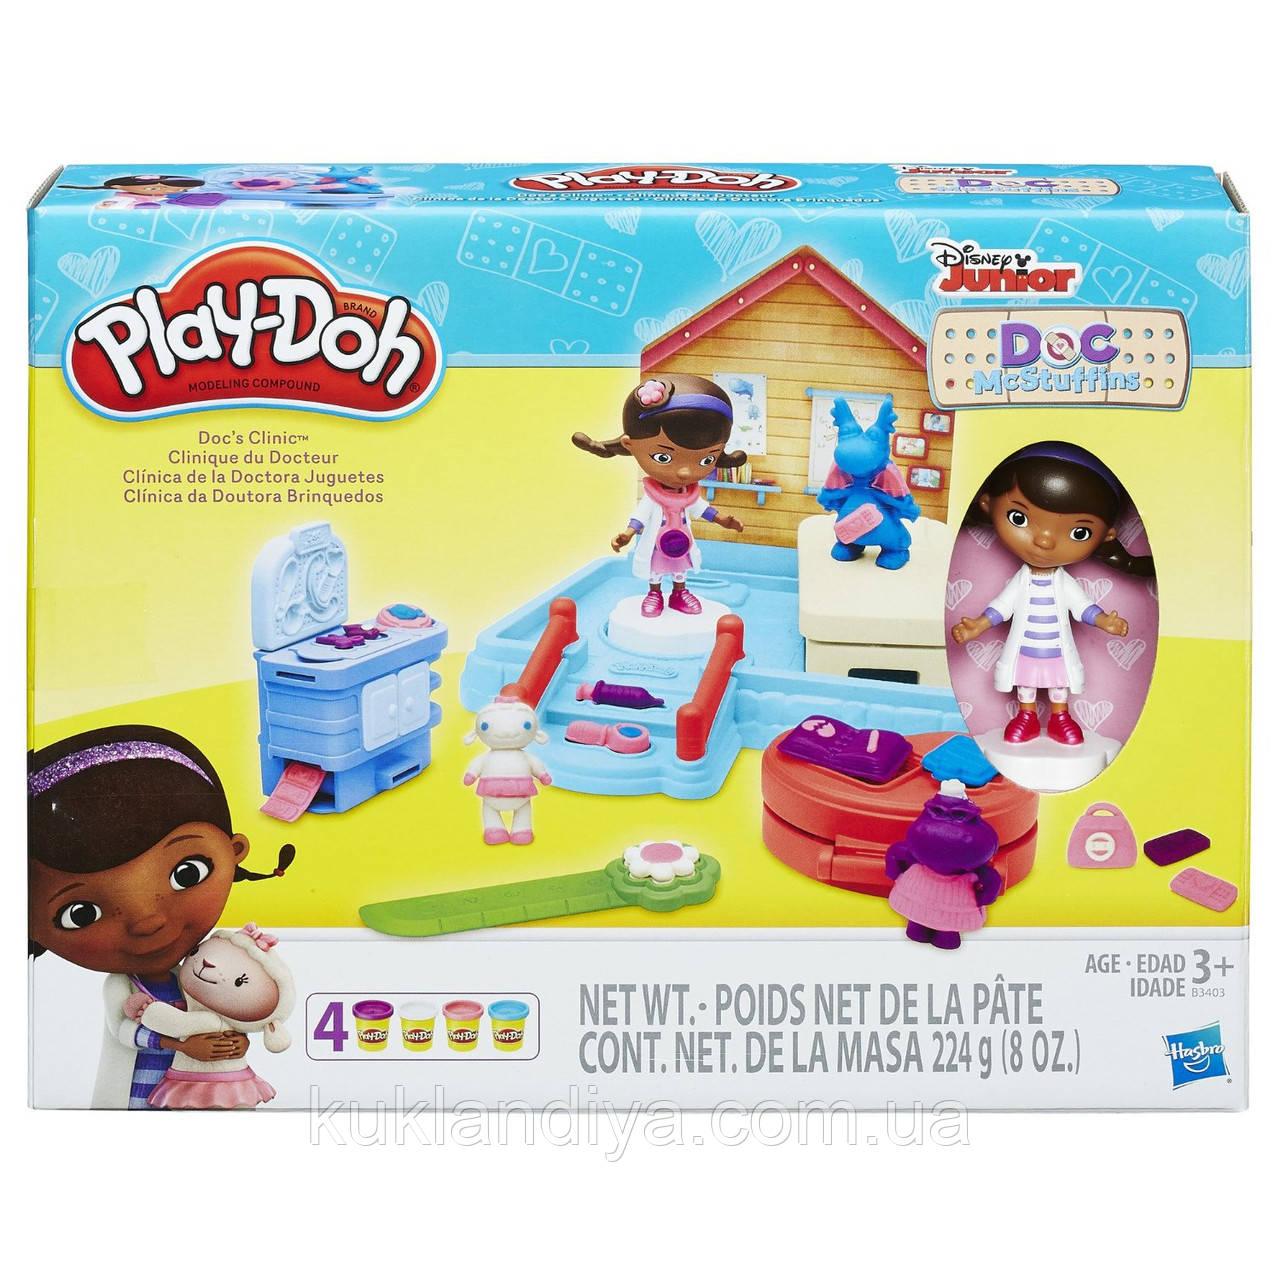 Play-Doh Клиника доктора Плюшевой Disney Doc McStuffins